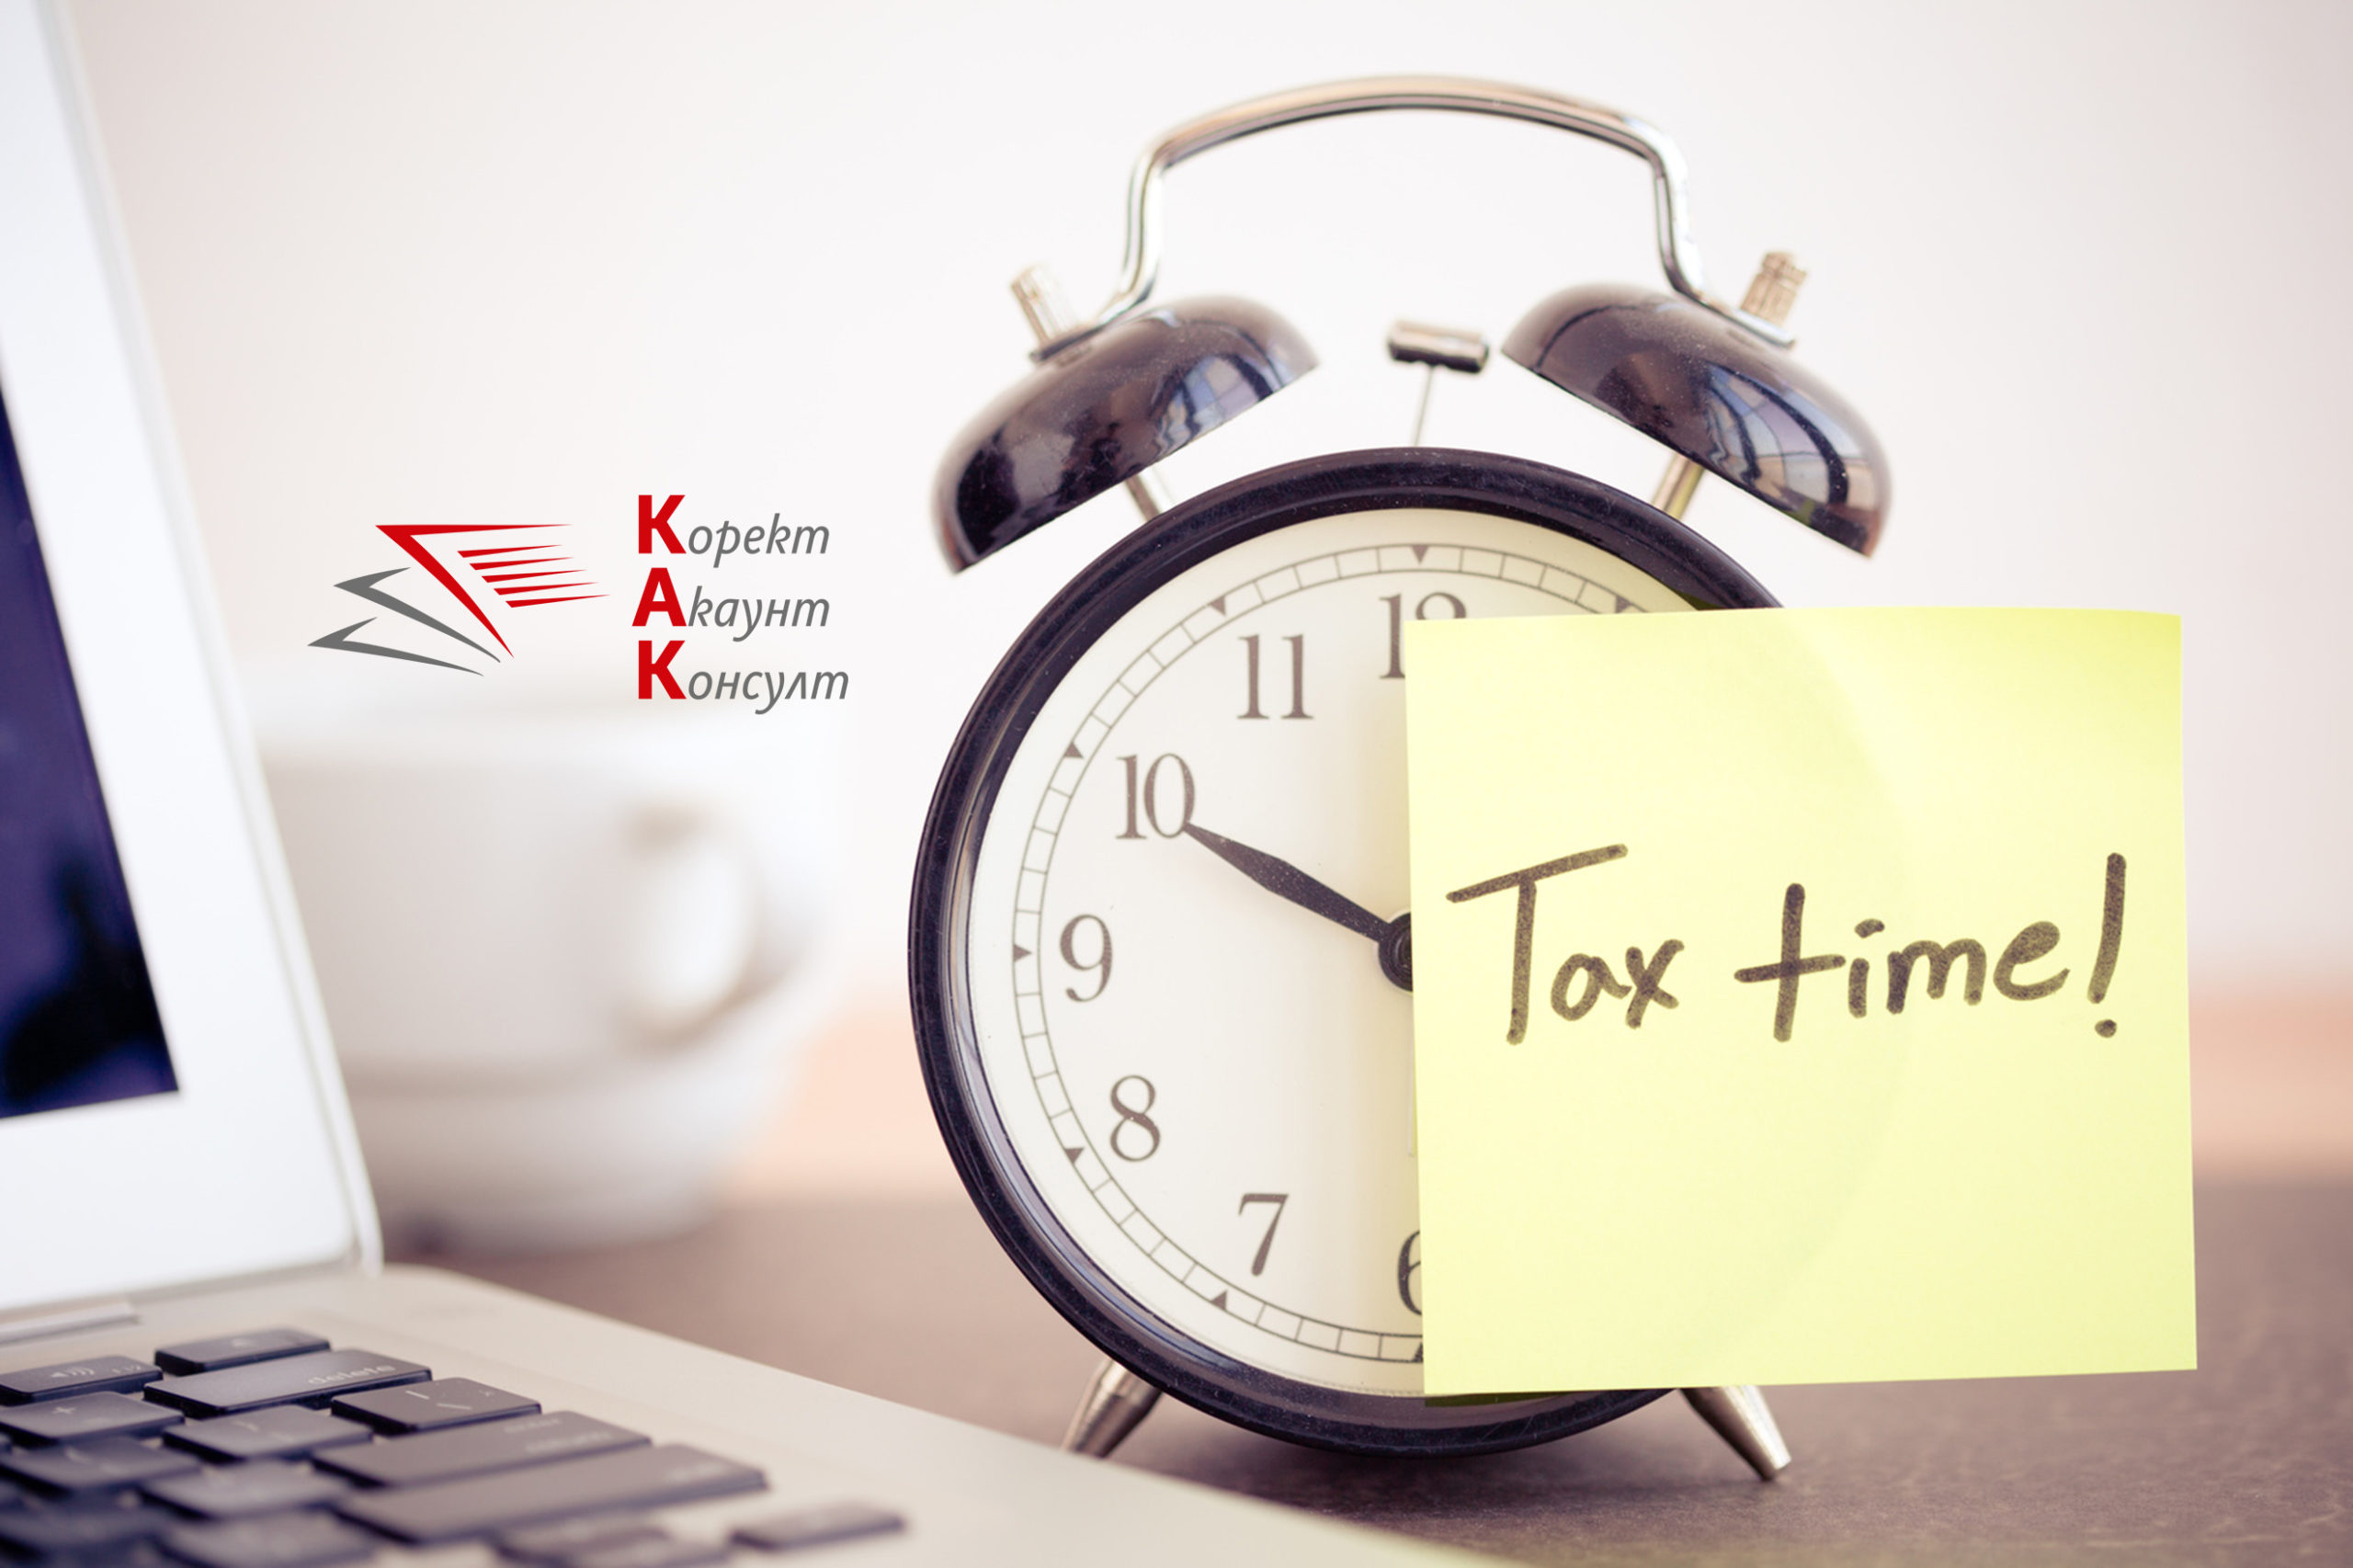 Деклариране и плащане на републикански данъци и осигурителни вноски по време на извънредното положение